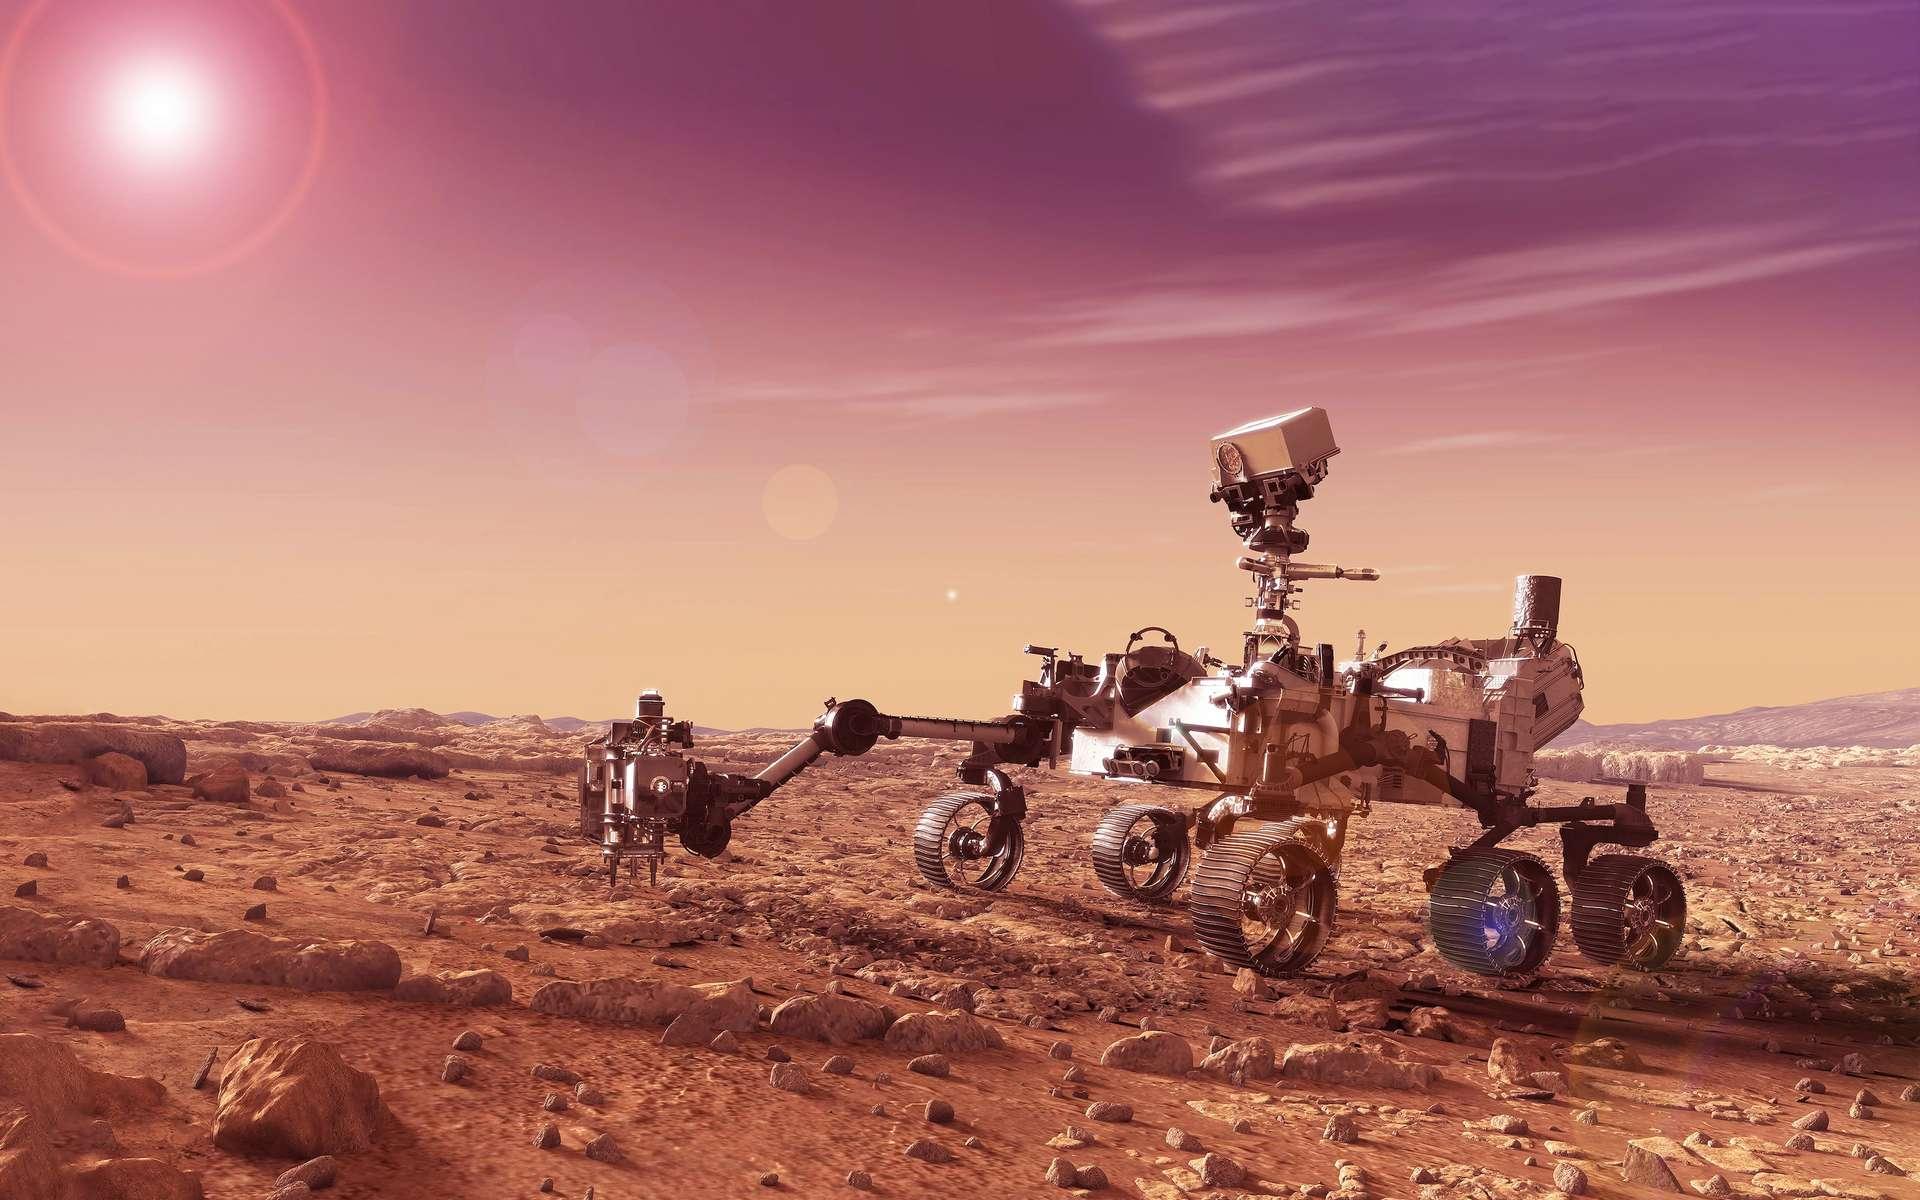 Des champignons sur Mars?